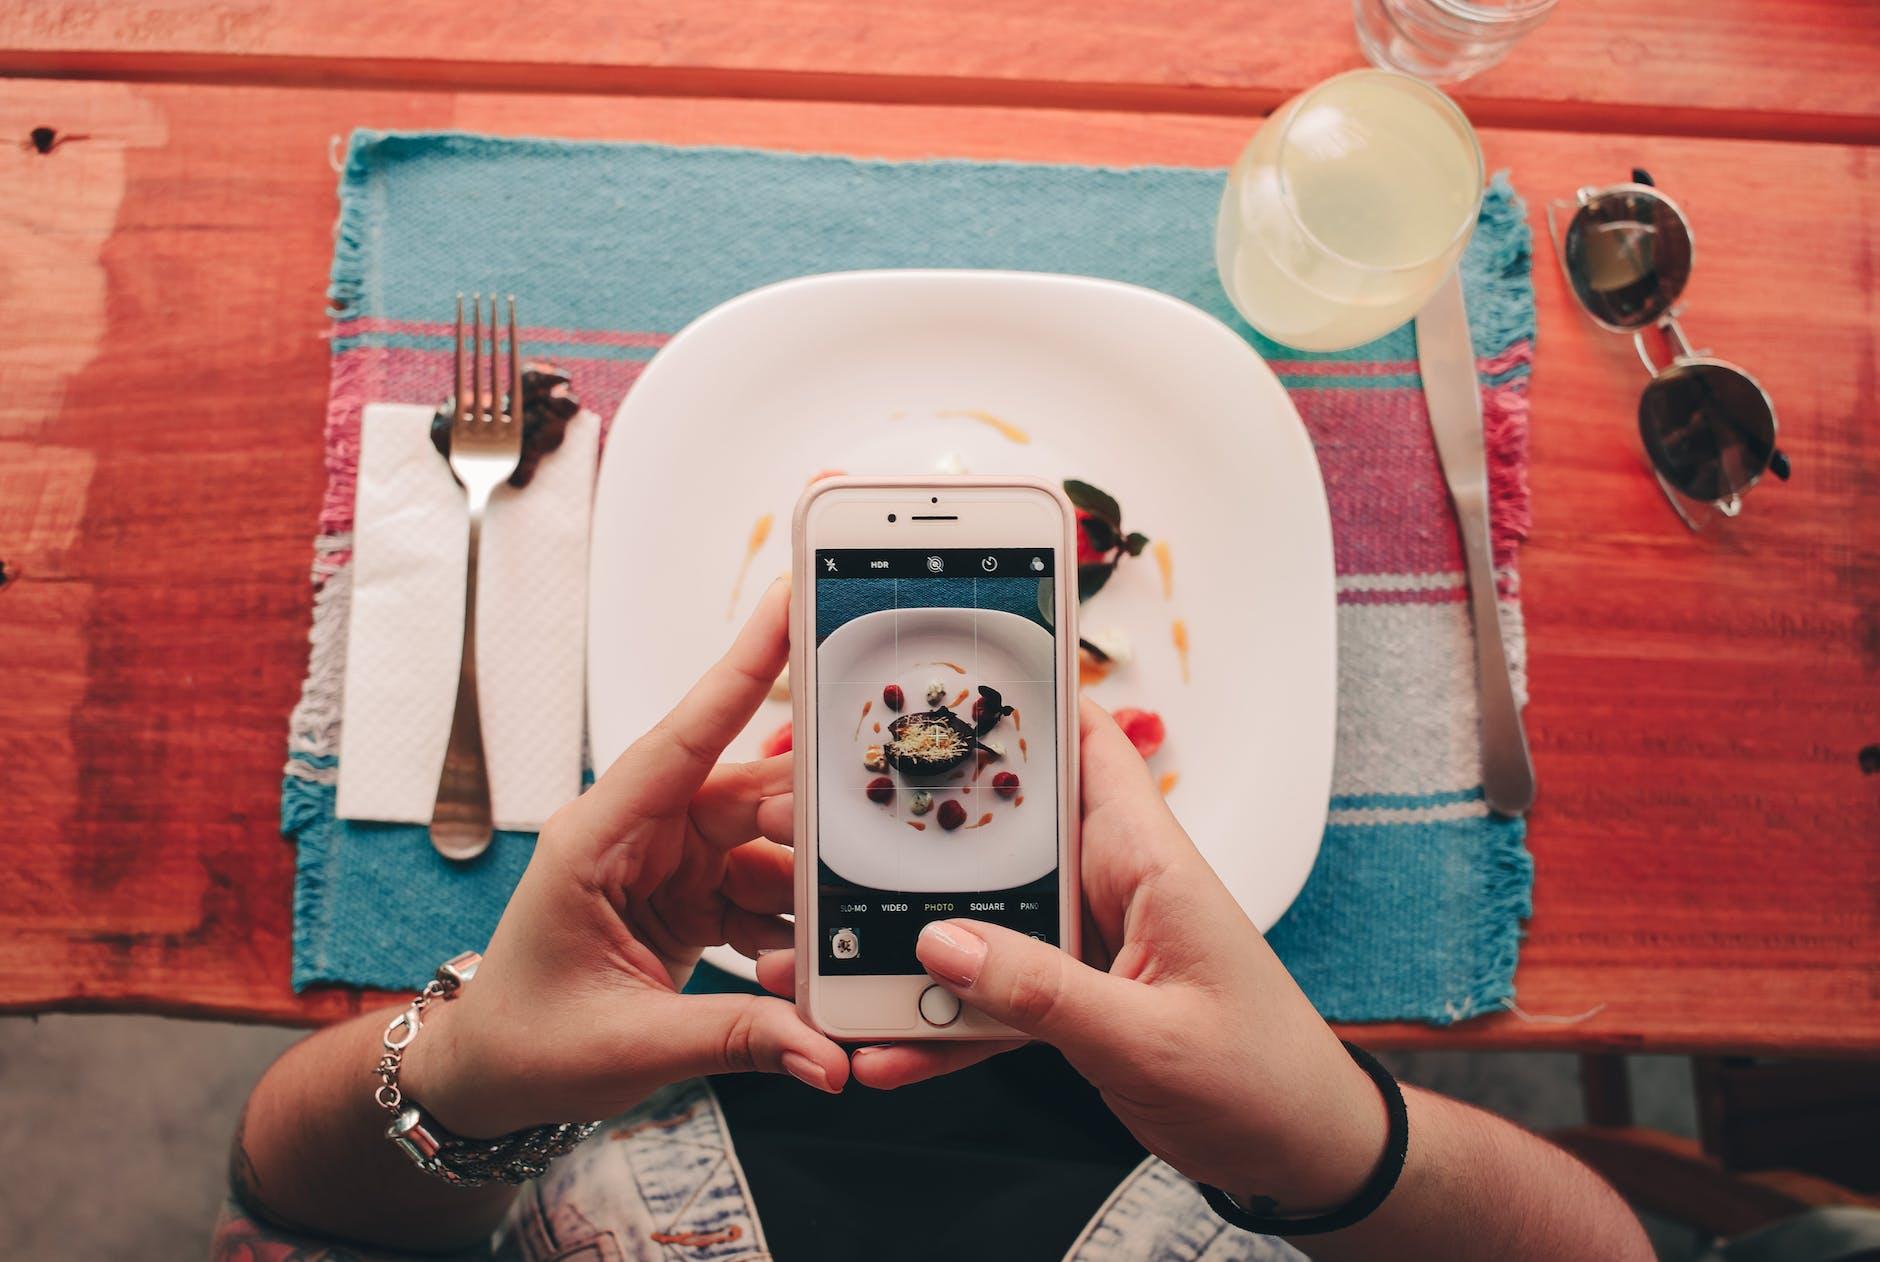 Logra incrementar la influencia de tu restaurante en internet